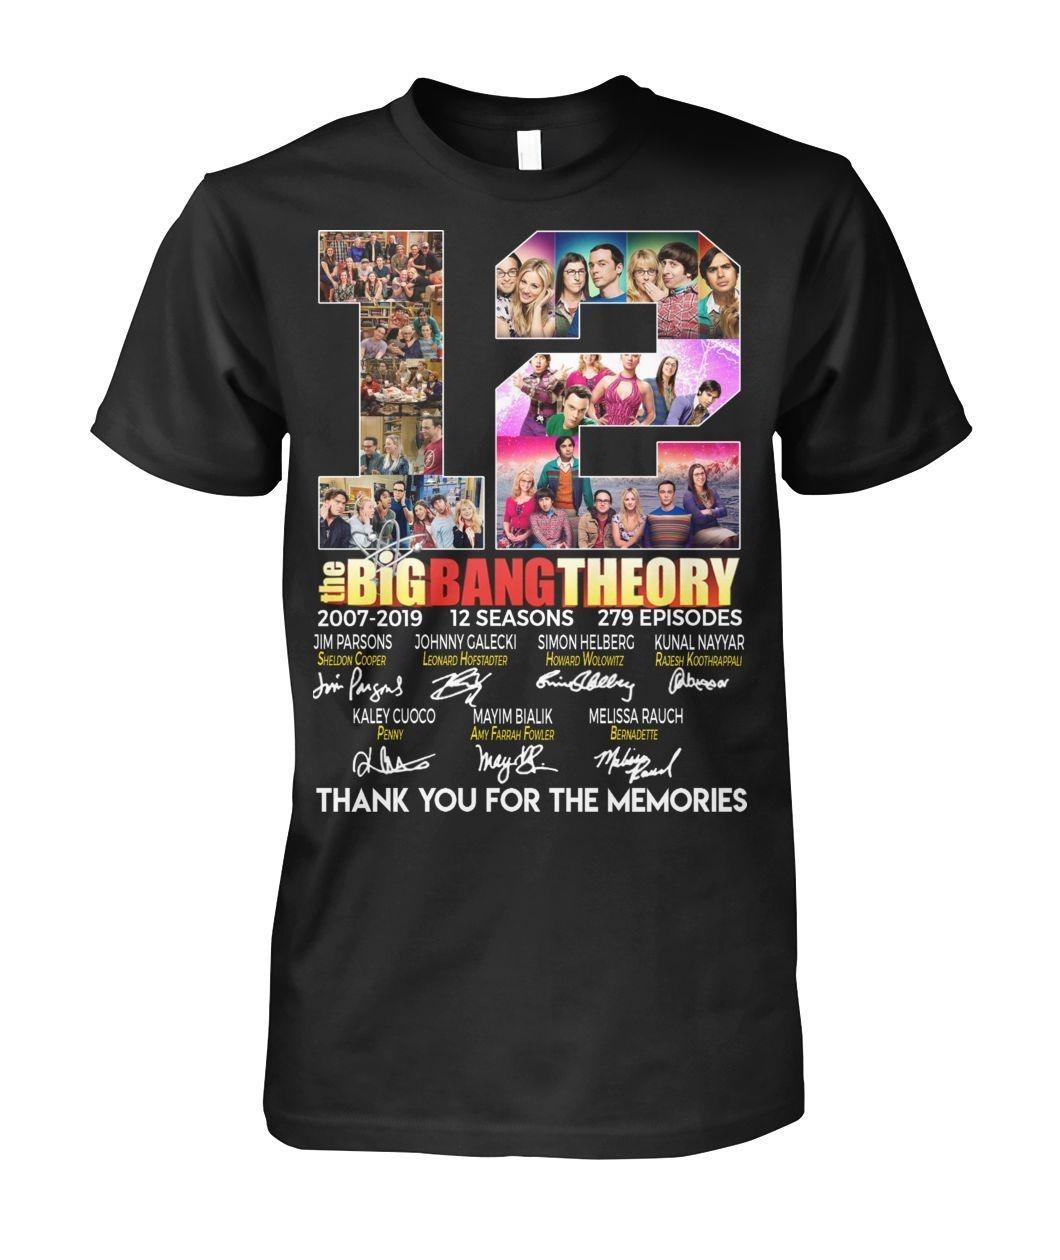 12 Years of The Big Bang Theory 2007-2019 12 seasons 279 episodes signatures shirt